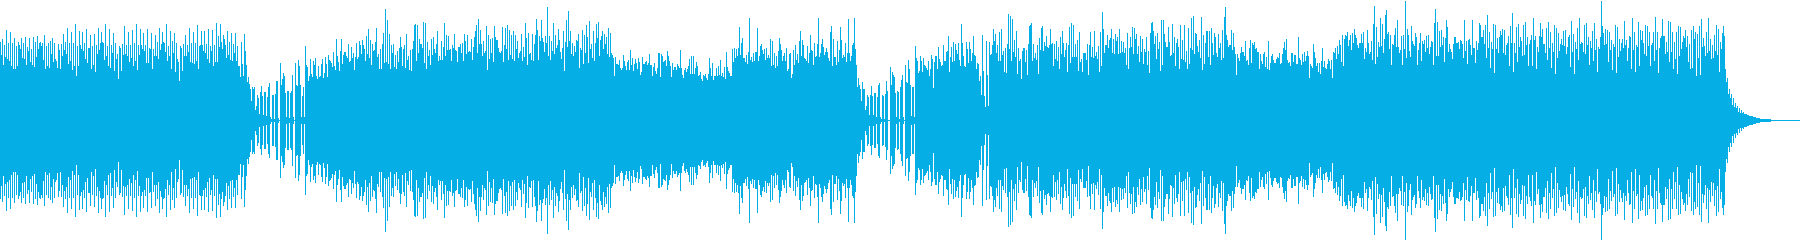 プログレッシブ、エレクトロの再生済みの波形